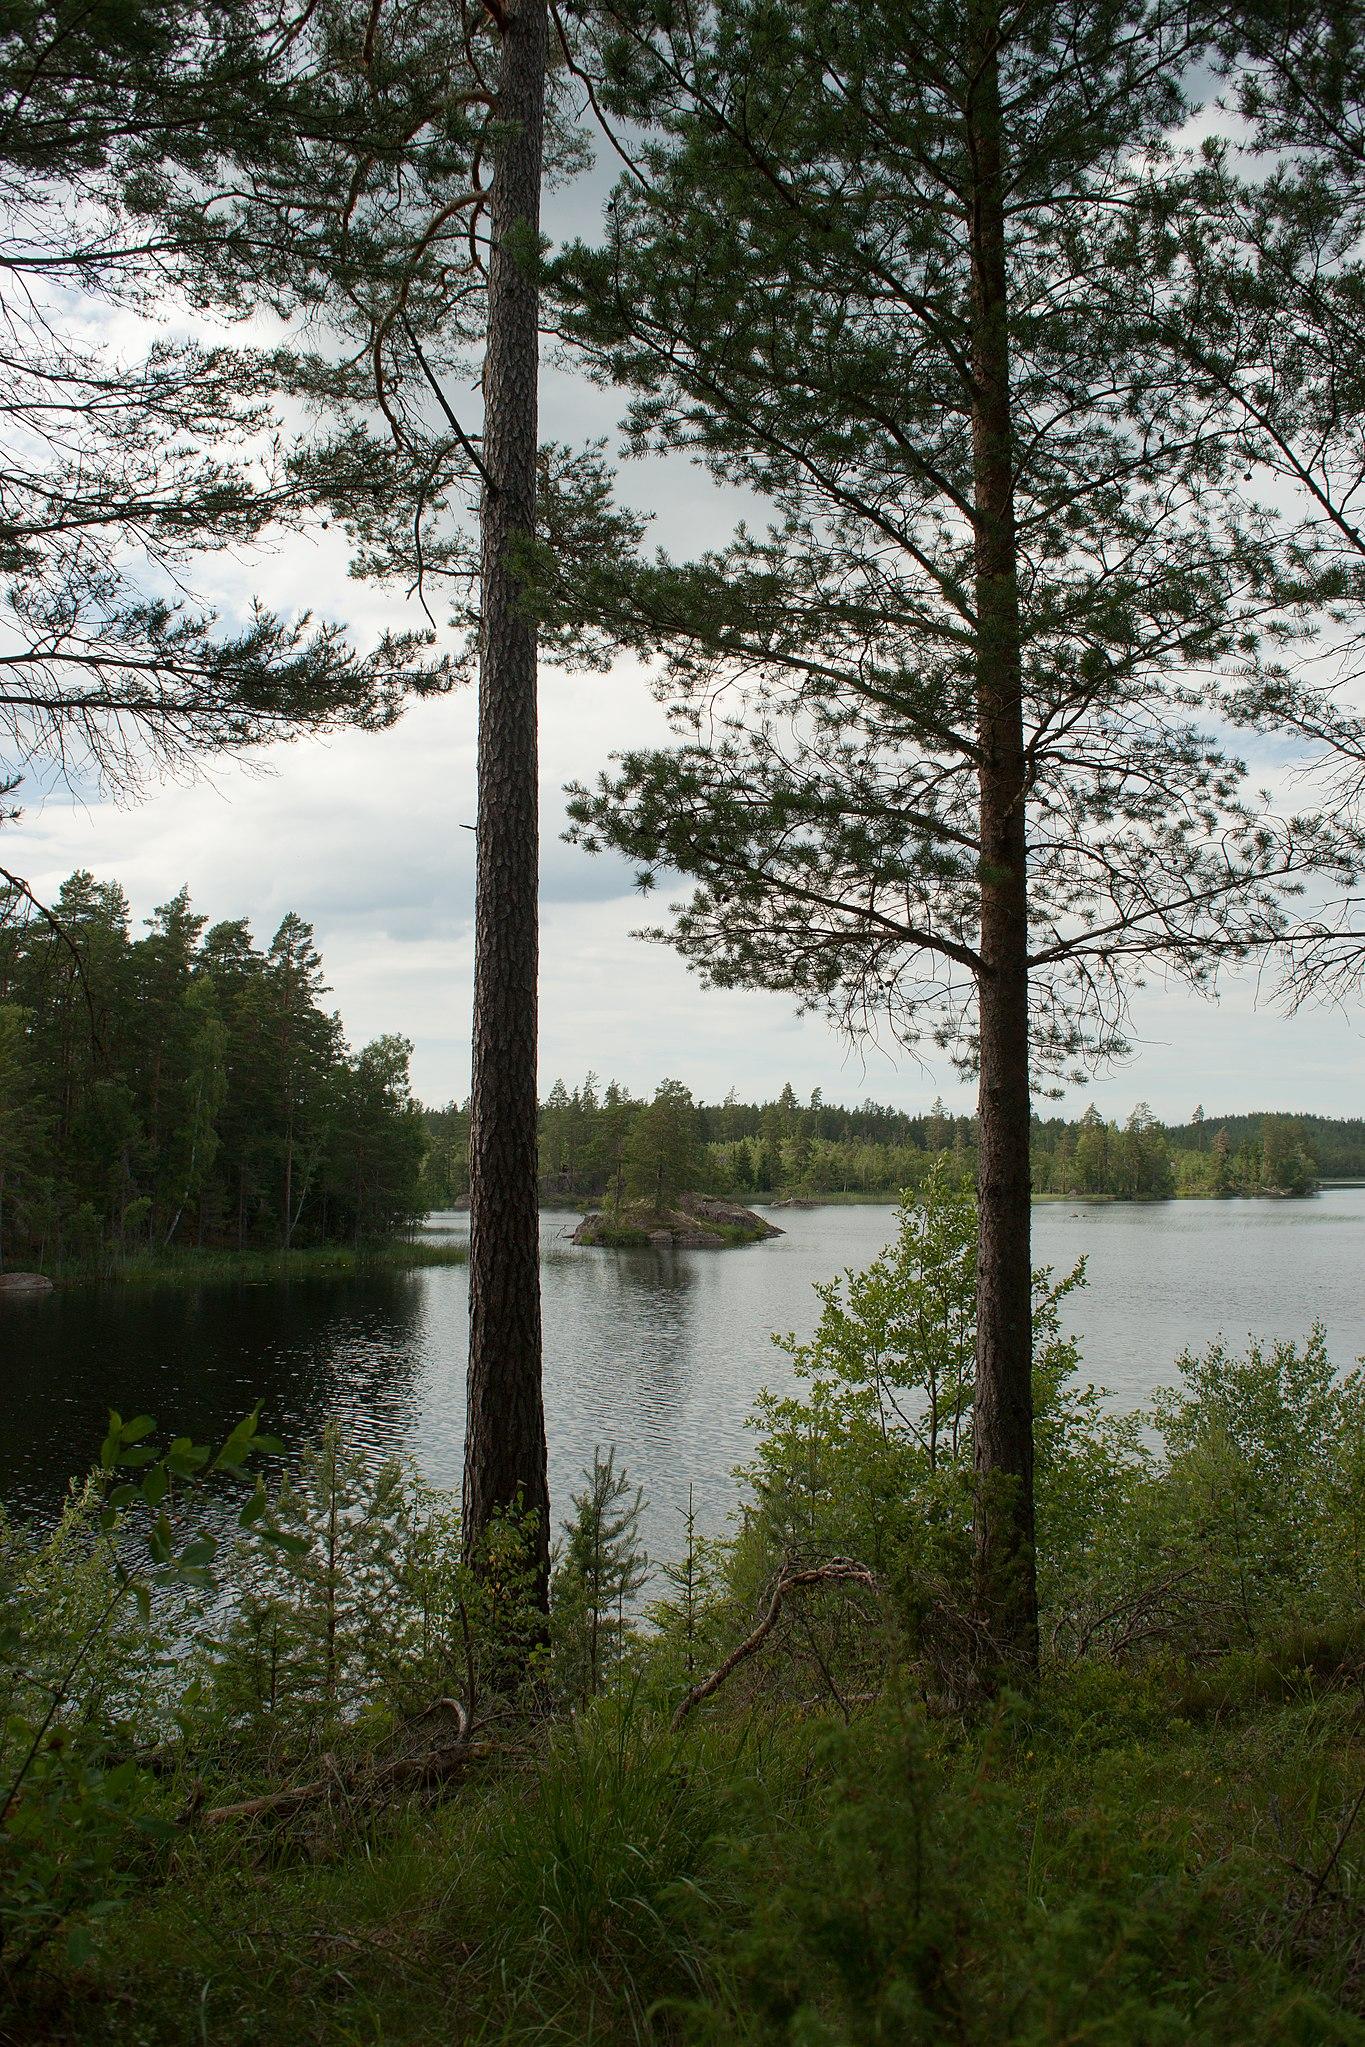 Göra på dejt i ankarsrum - Stensjön Romantisk Dejt - Dating sweden södra ljunga